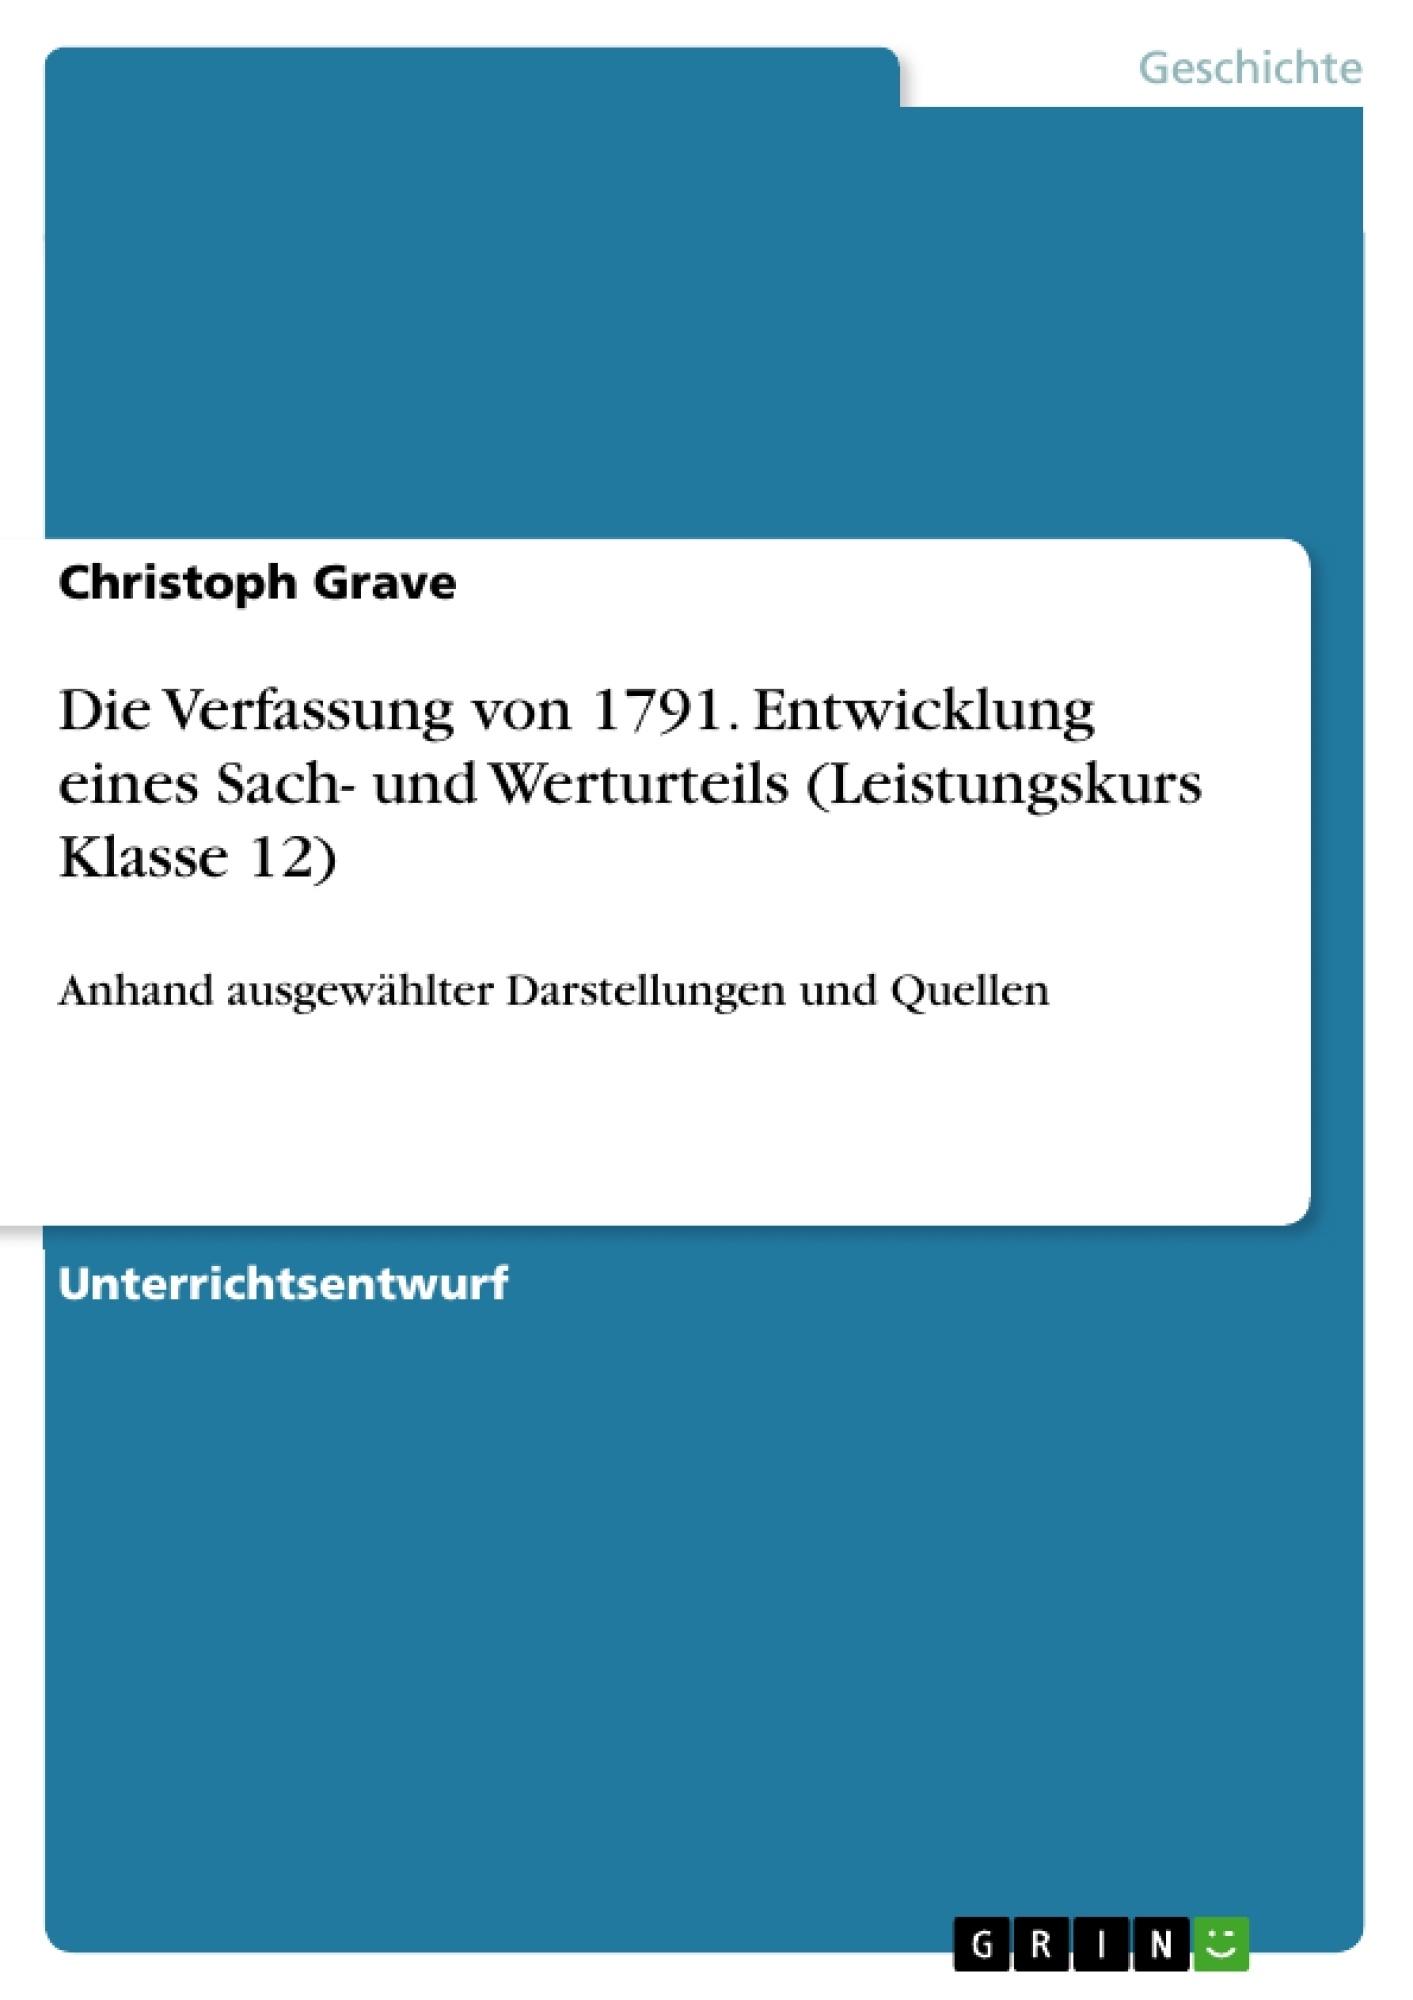 Titel: Die Verfassung von 1791. Entwicklung eines Sach- und Werturteils (Leistungskurs Klasse 12)